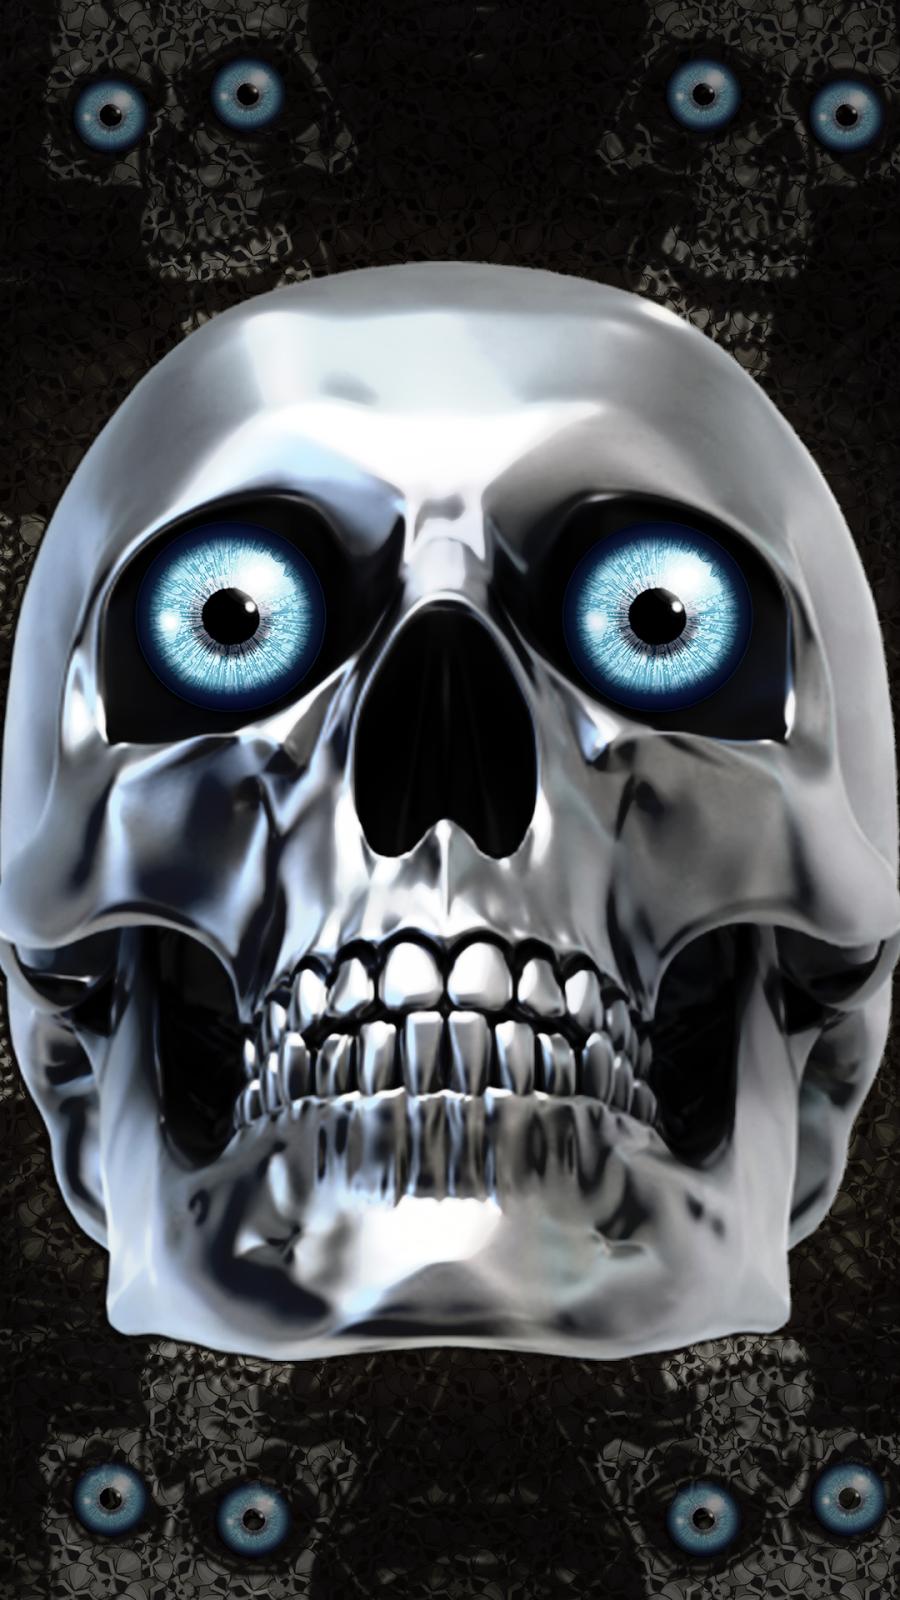 Skull HD Wallpaper For Mobile